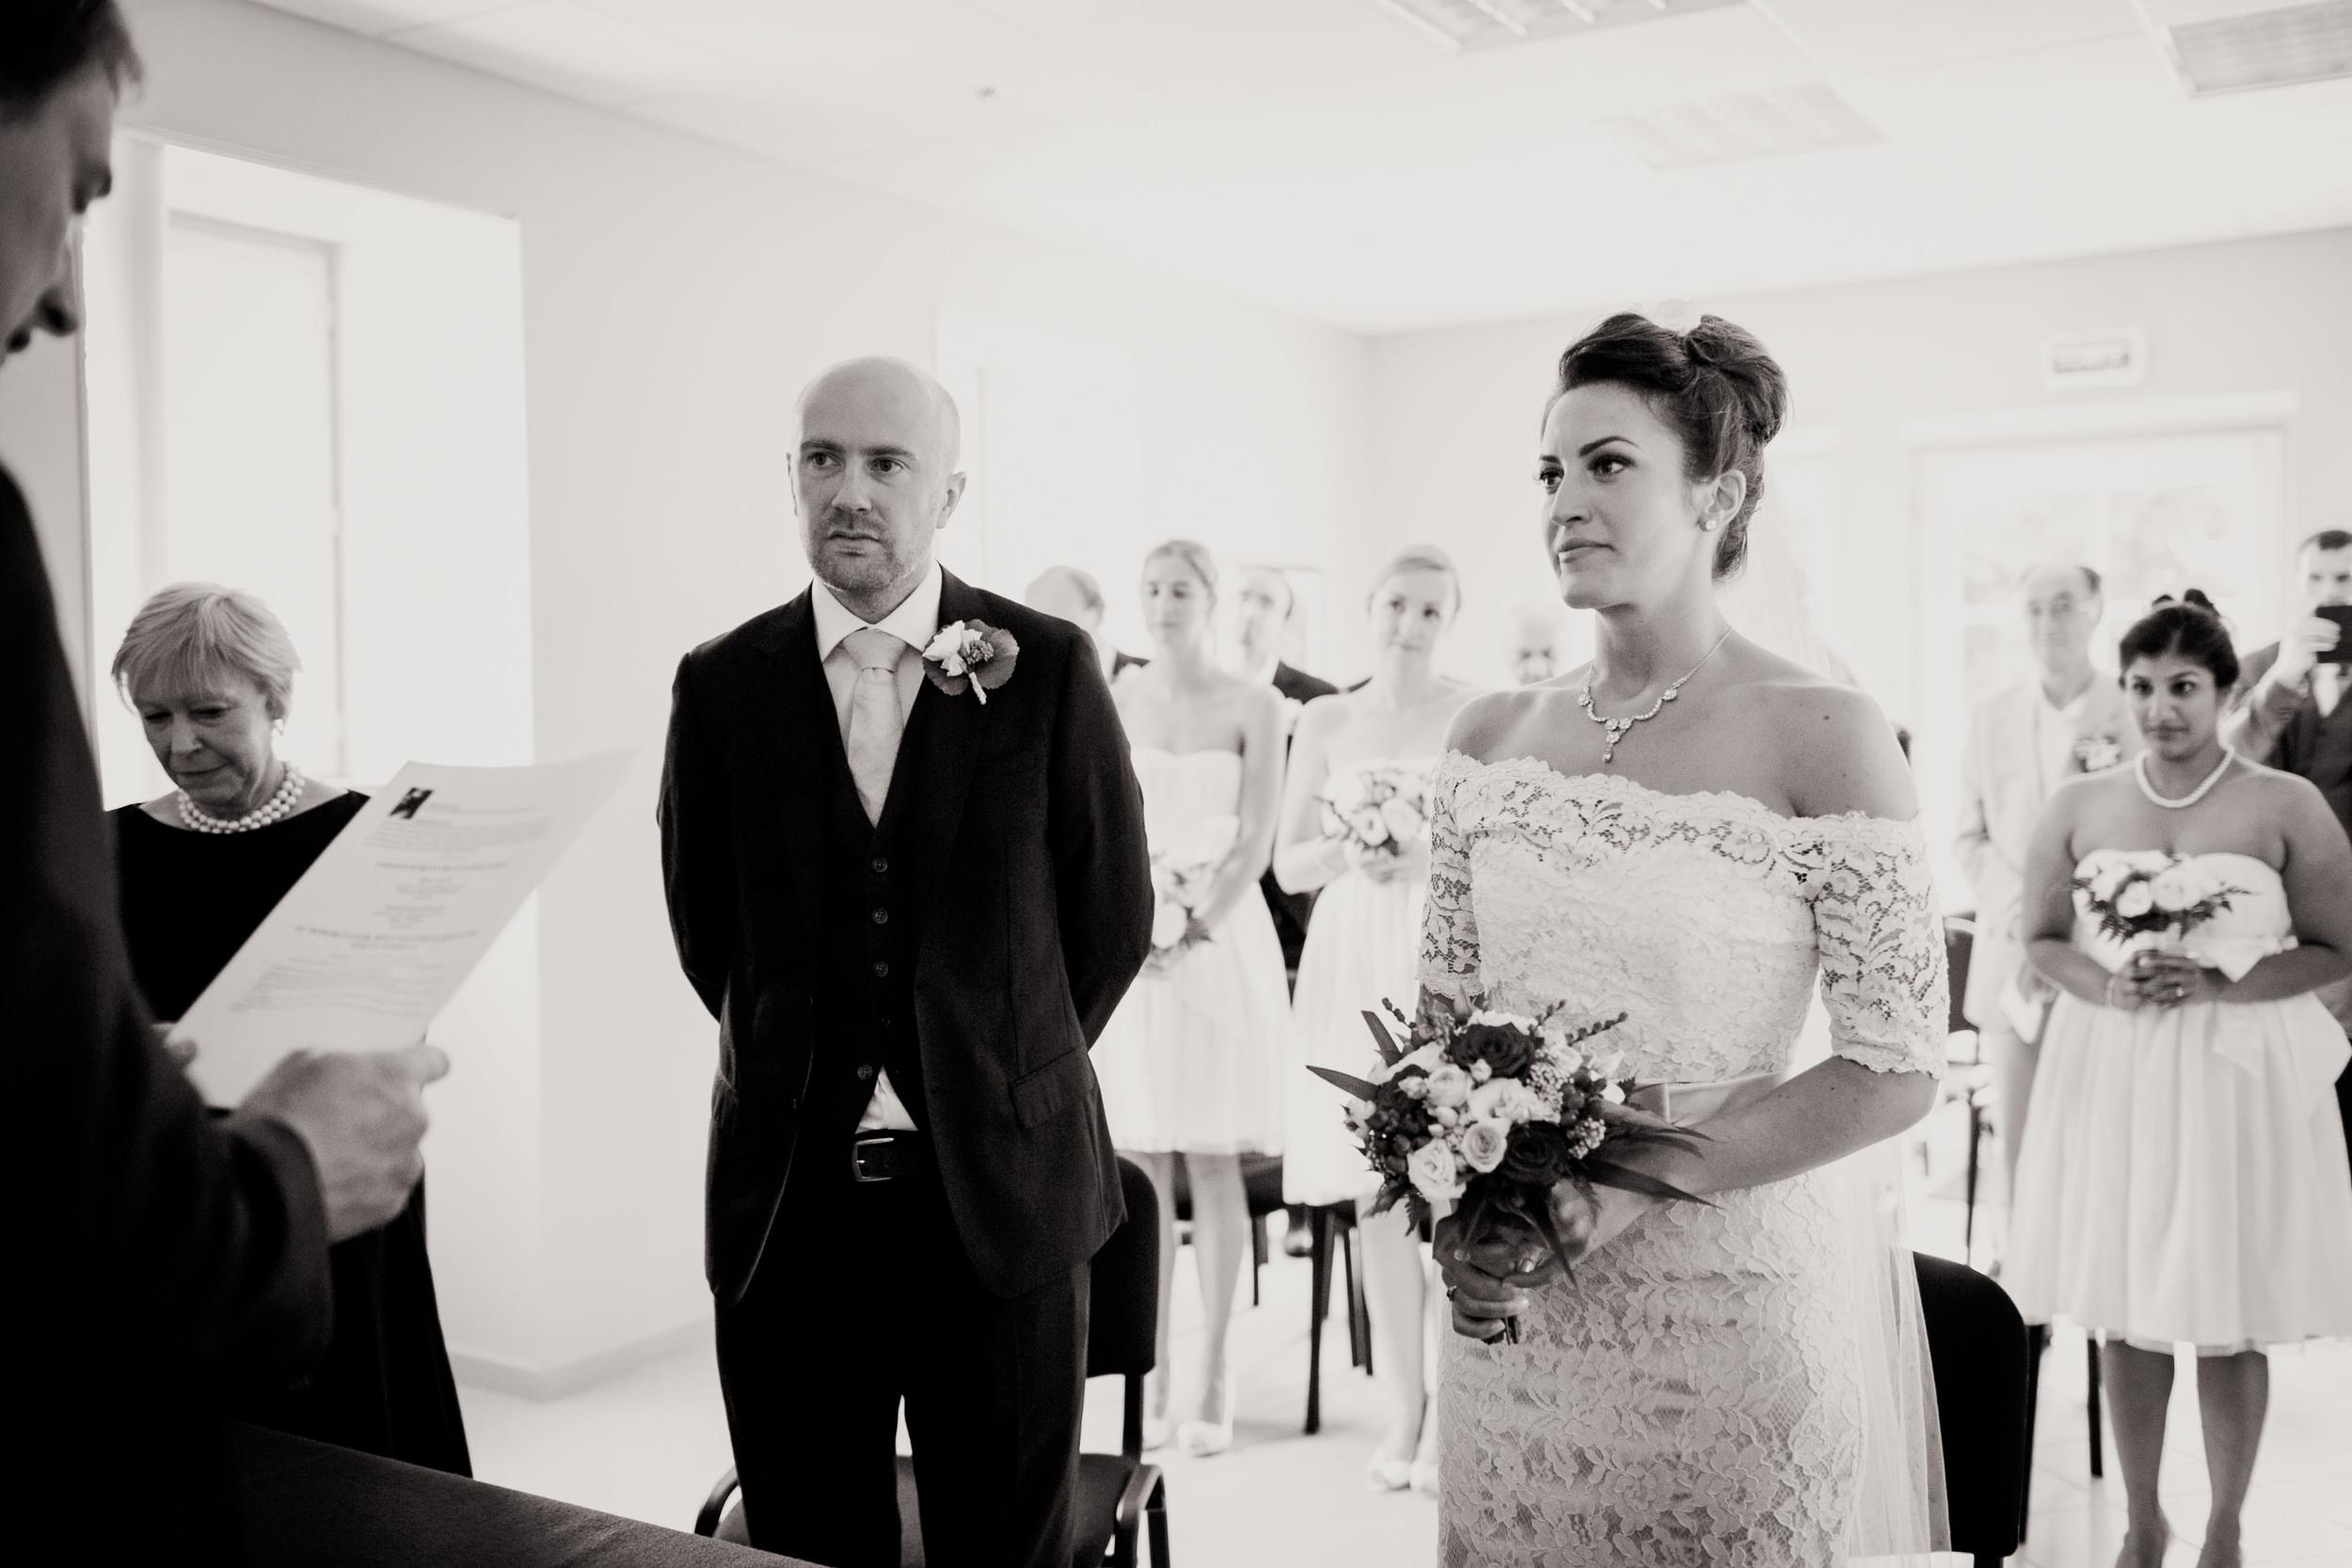 Berlin Hochzeitsfotografin_Destination Wedding Photographer-54.jpg